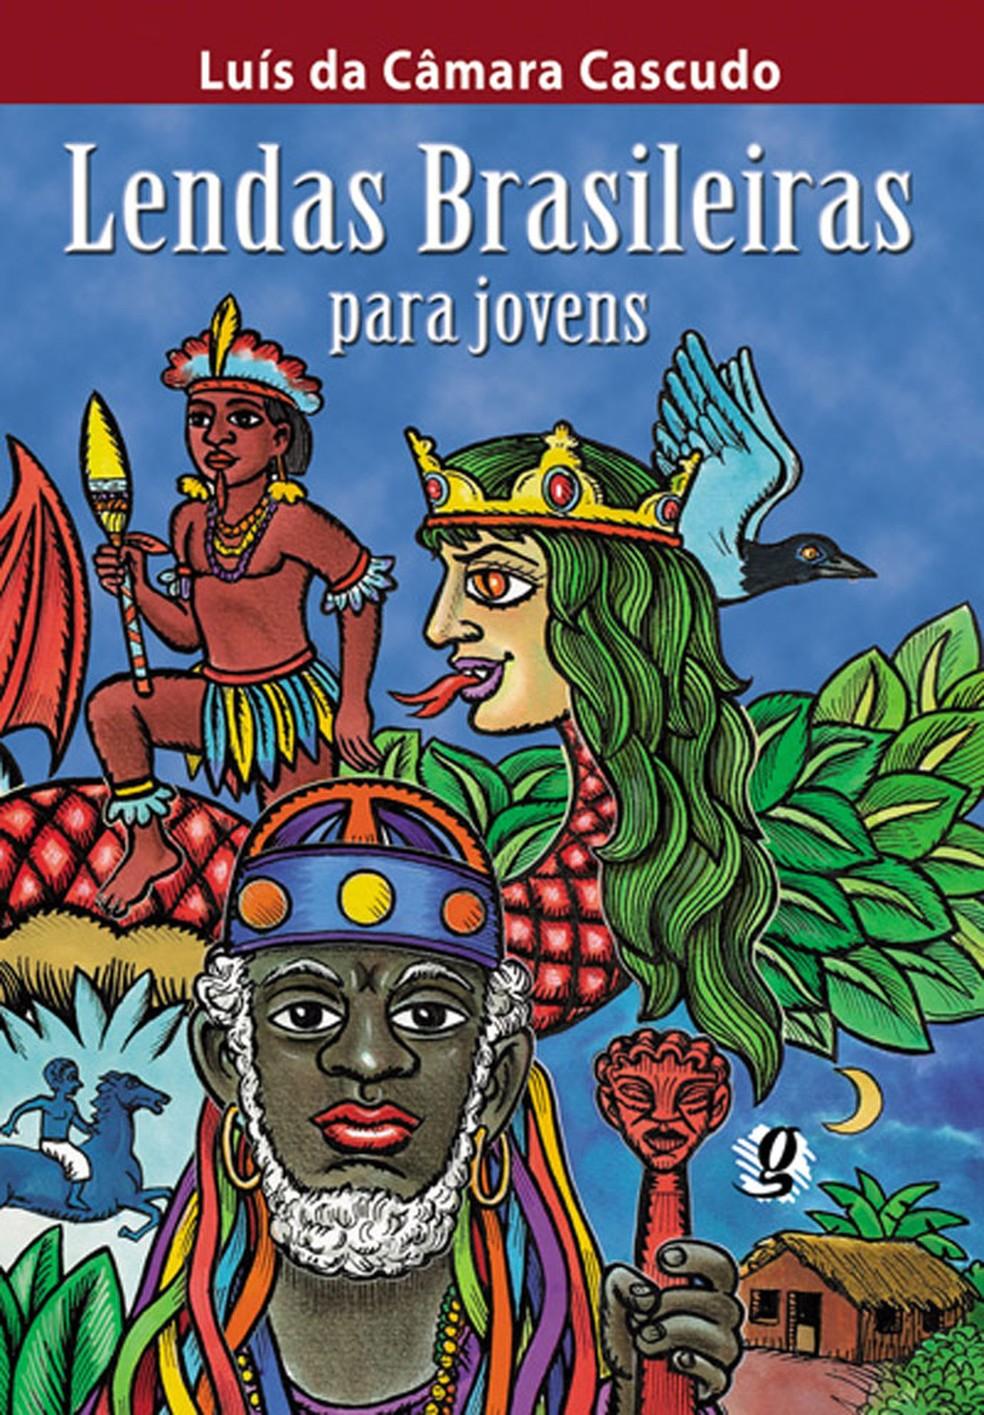 Lendas brasileiras para jovens (Foto: Divulgação)